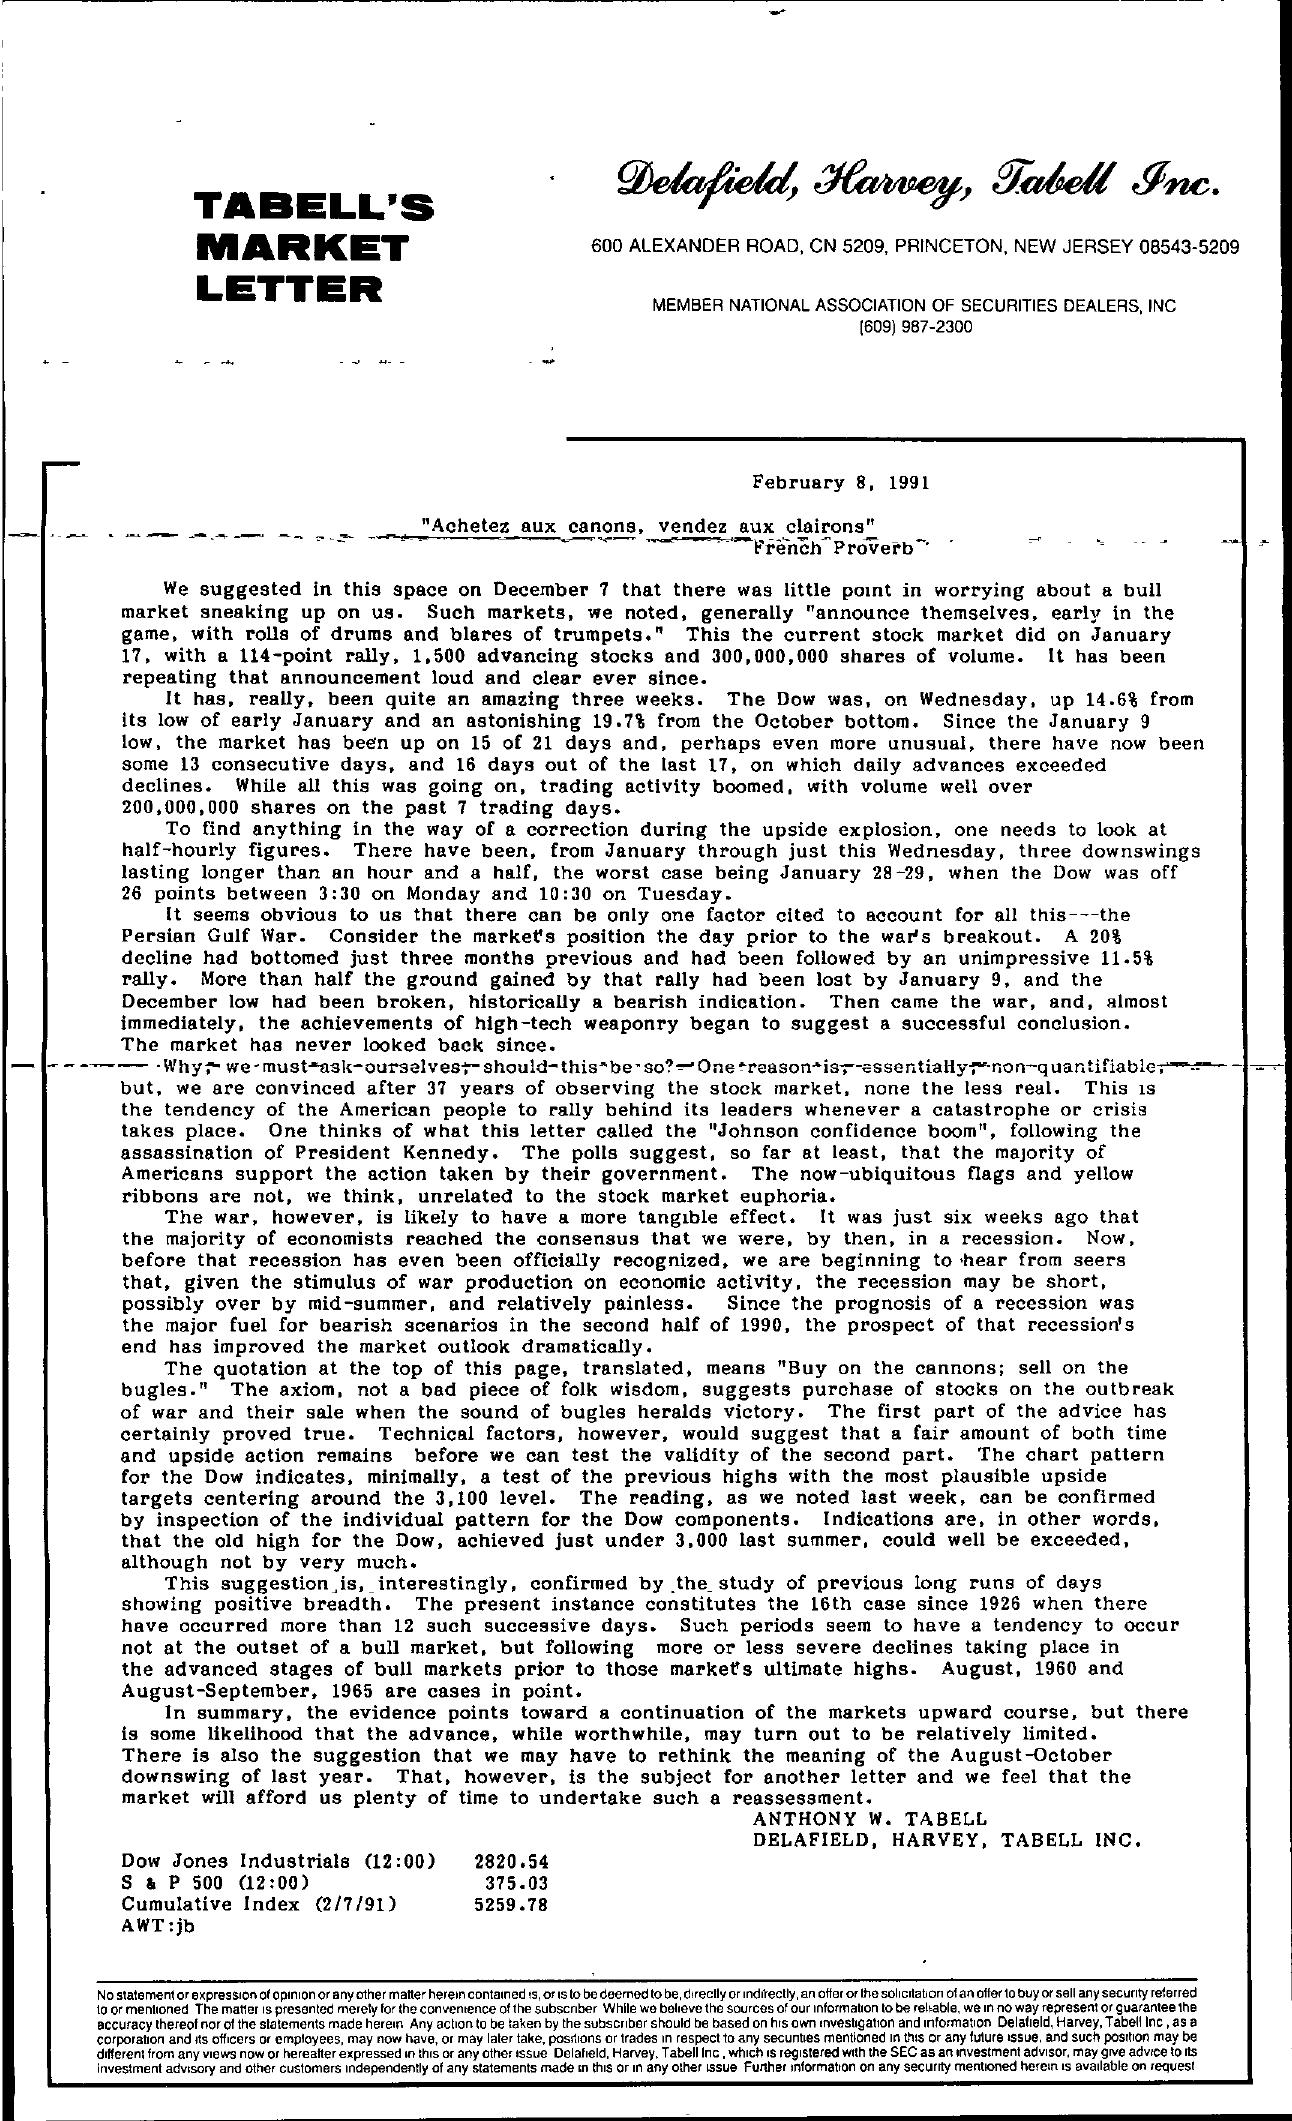 Tabell's Market Letter - February 08, 1991